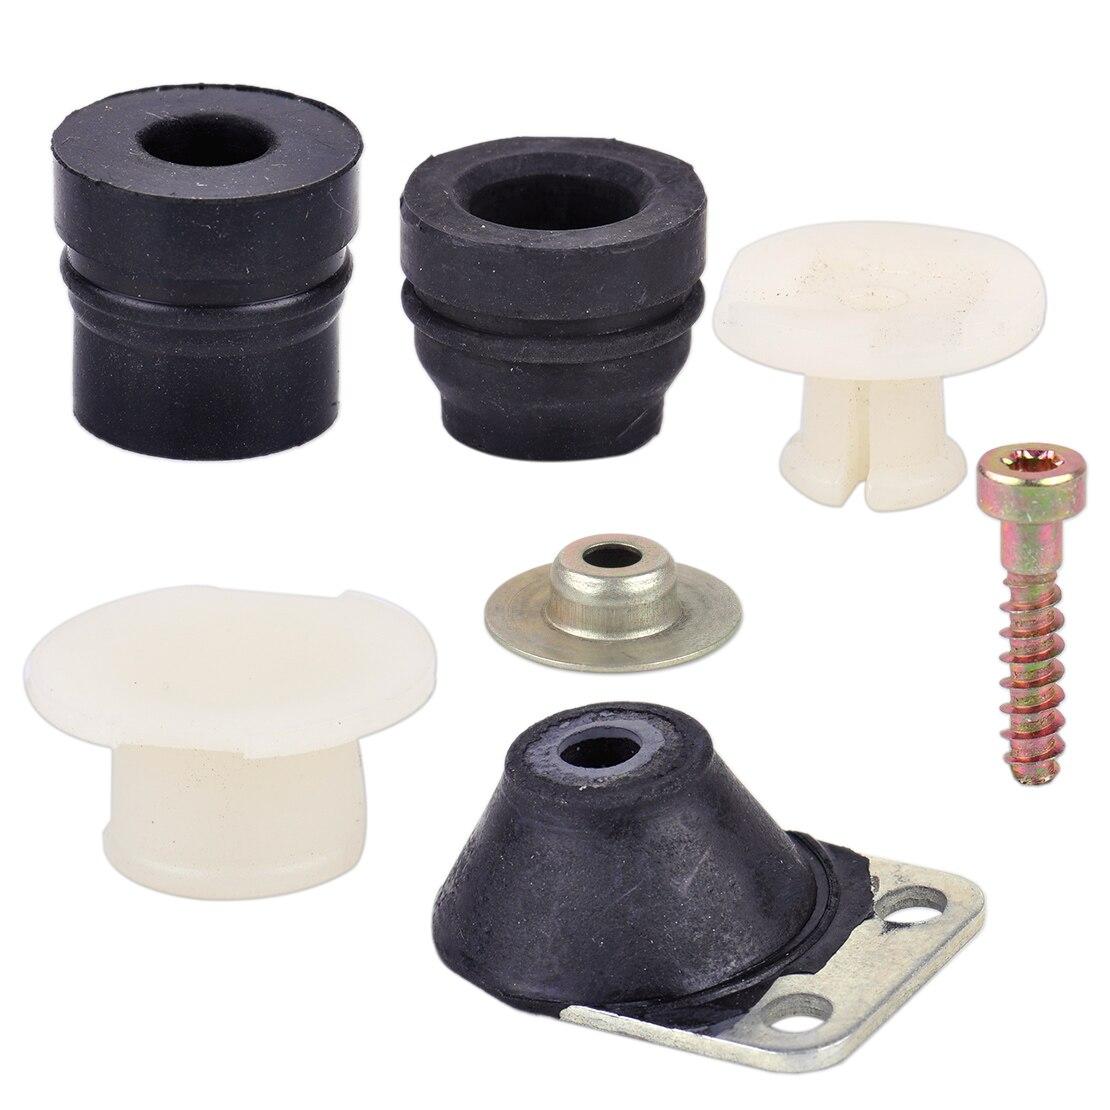 LETAOSK Высокое качество 7 шт. av буфер крепление набор подходит для Stihl 026 024 MS240 MS260 бензопила Аксессуары для электроинструментов      АлиЭкспресс